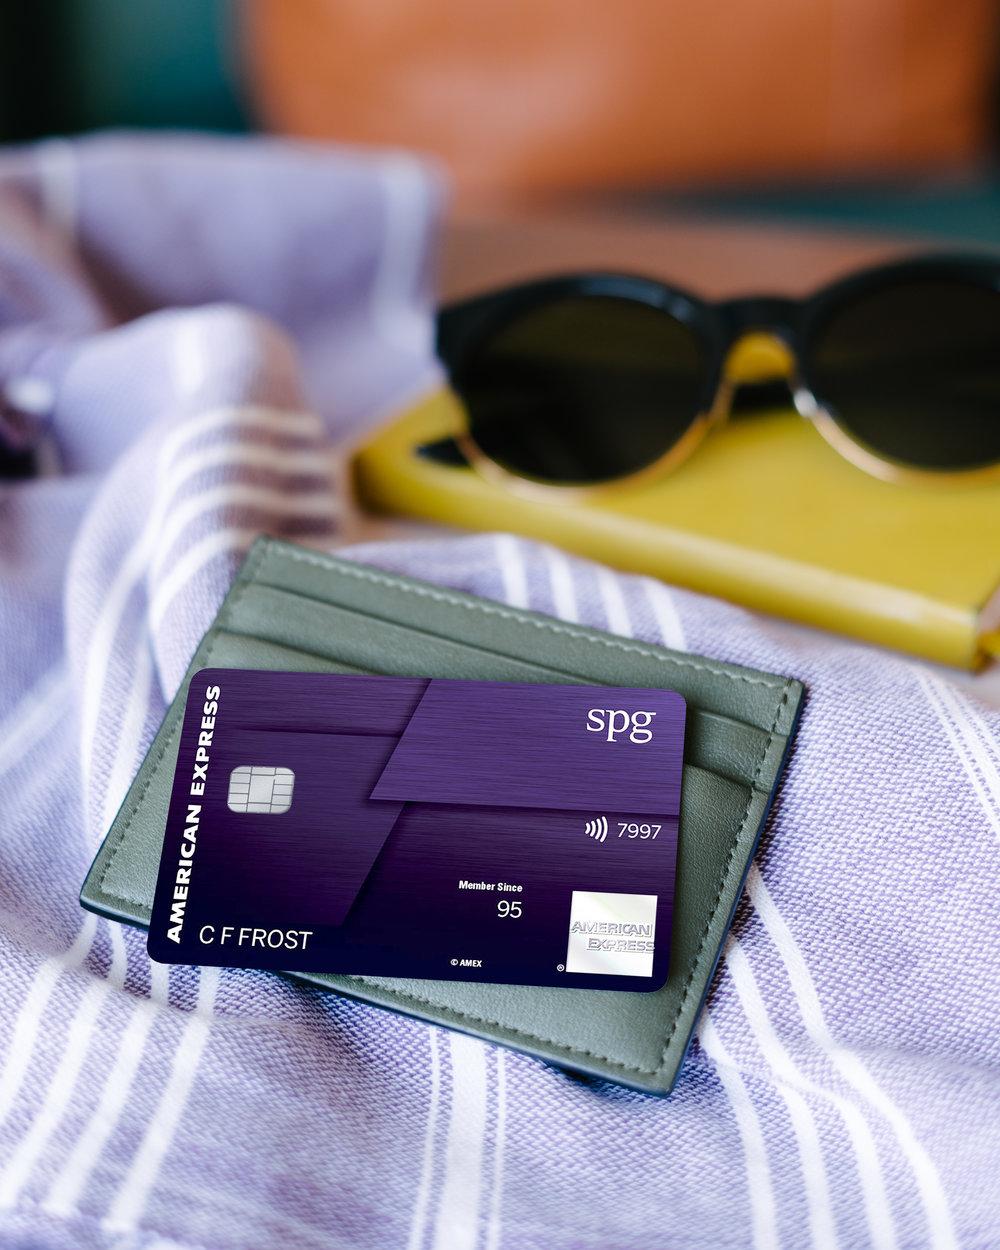 Westdrift+Card+on+Blanket+4+by+5-1.jpg